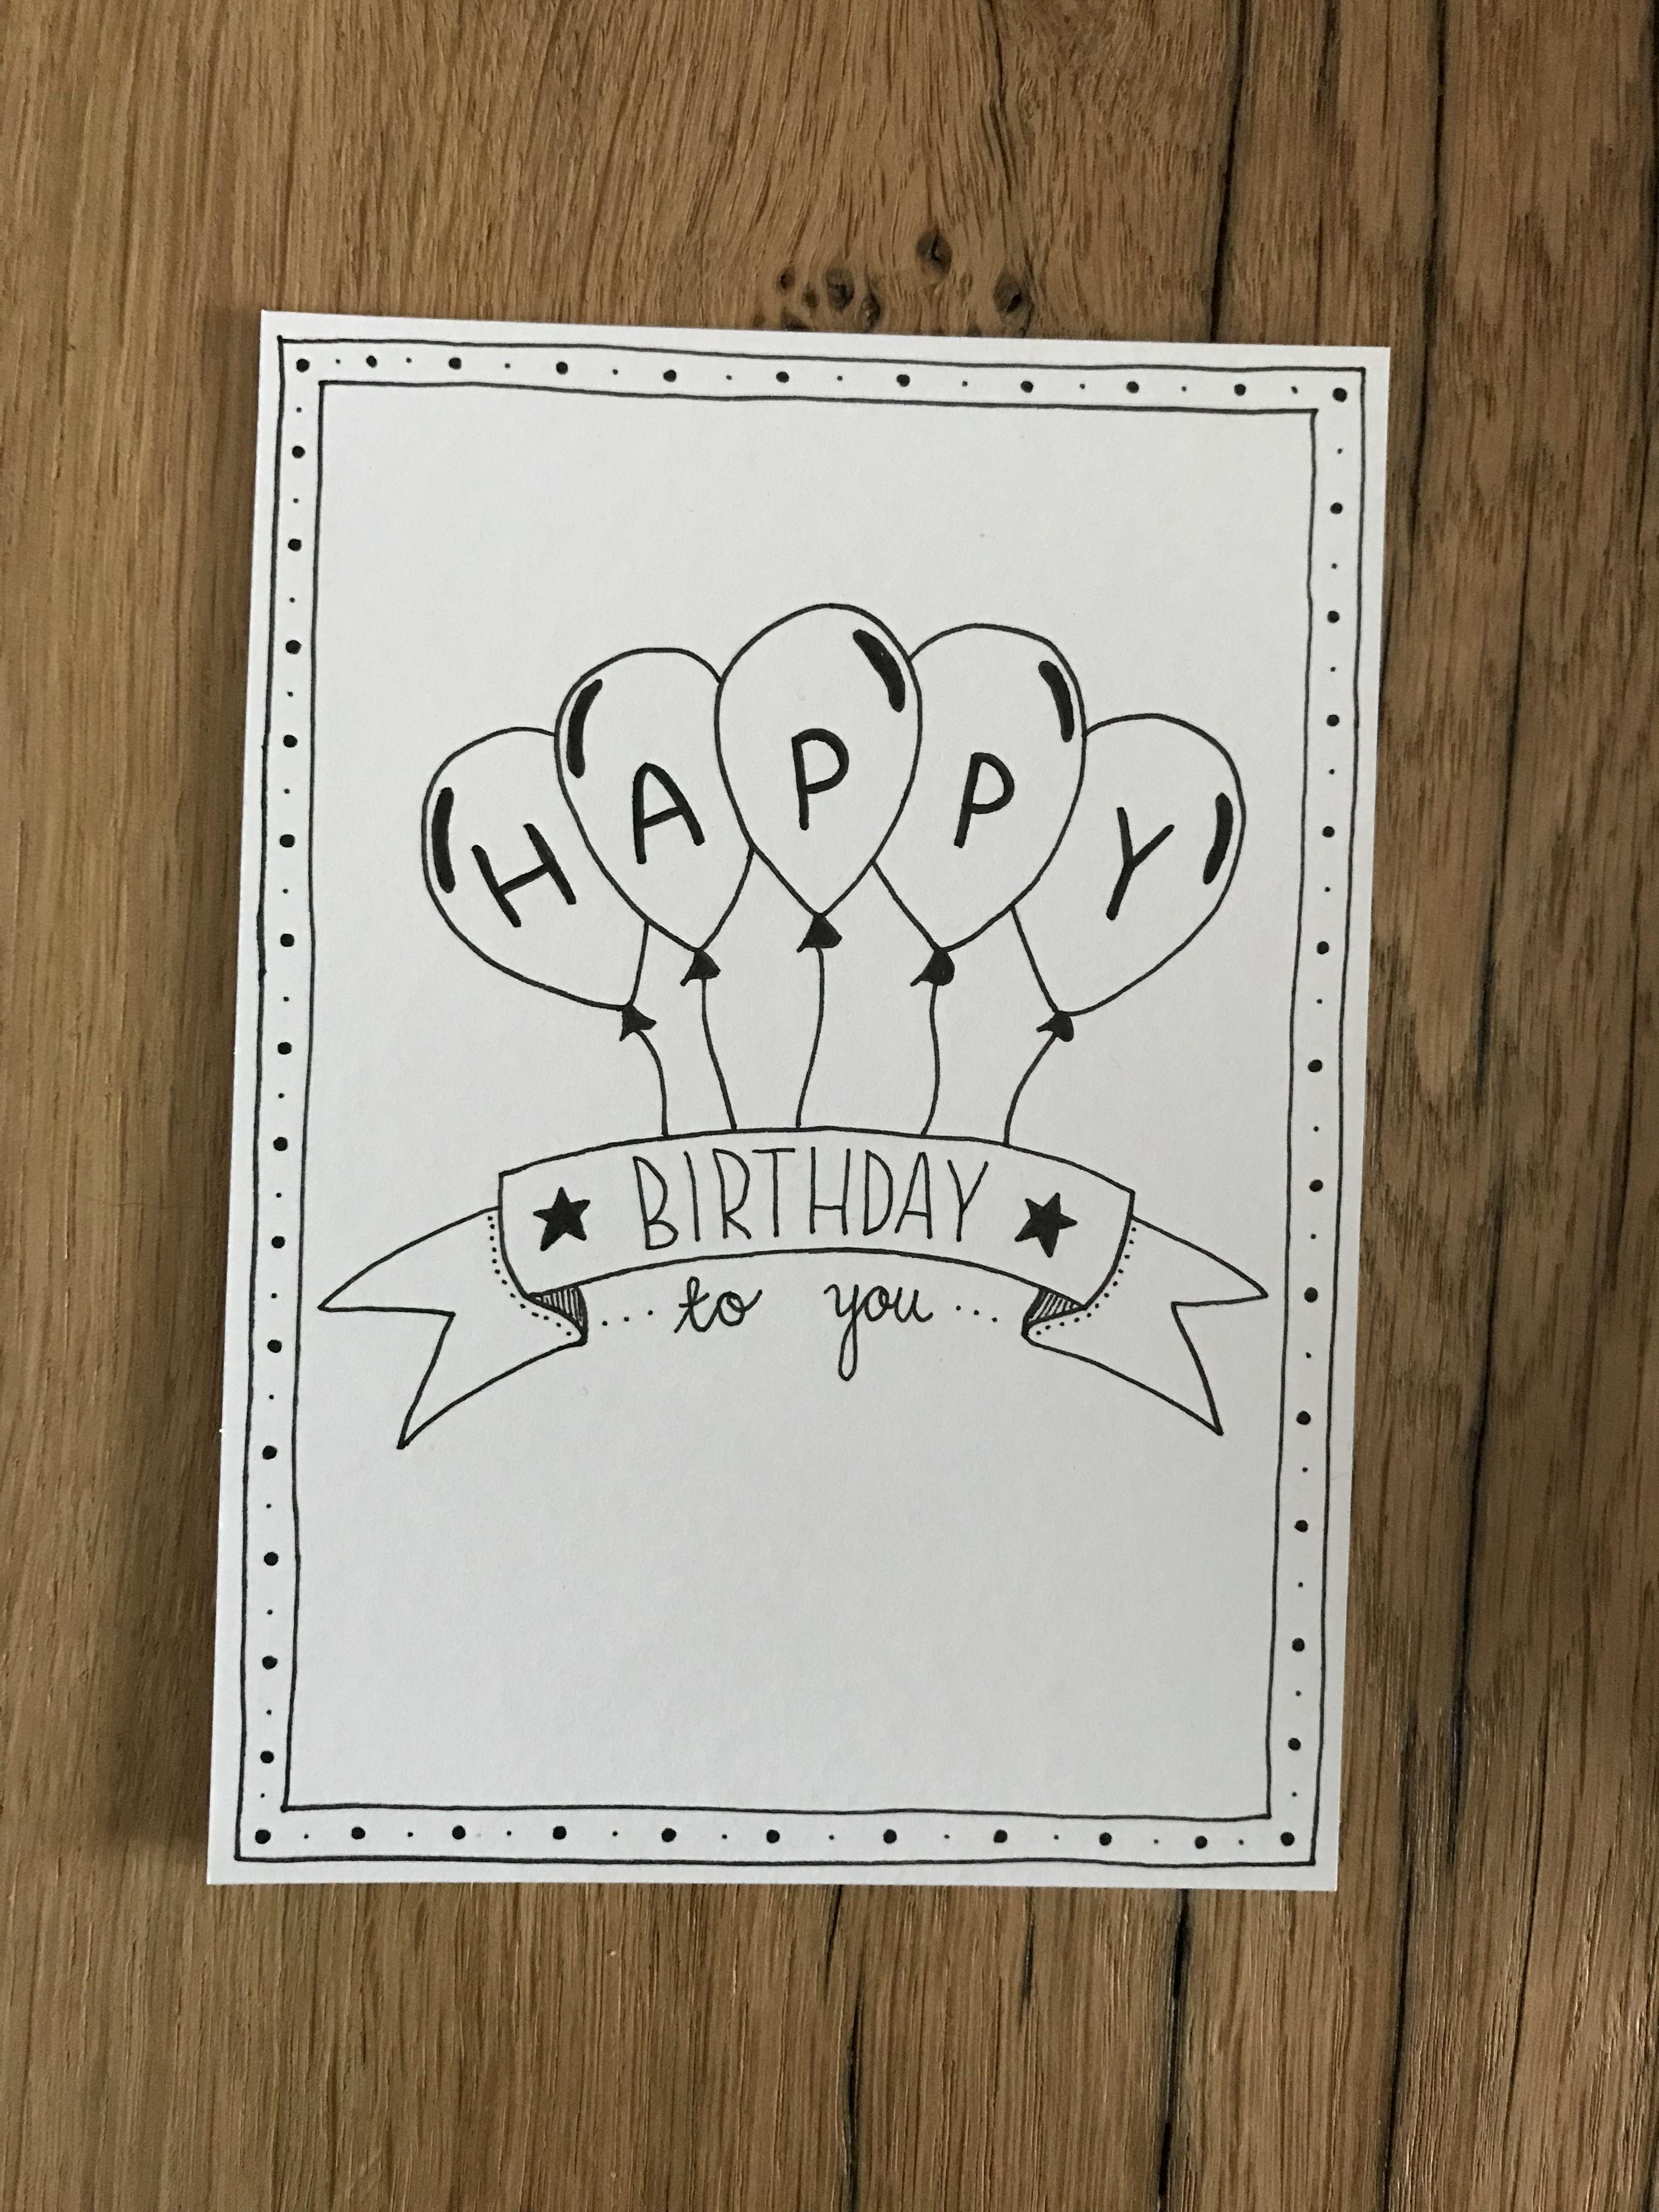 Для, открытка своими руками брату на день рождения